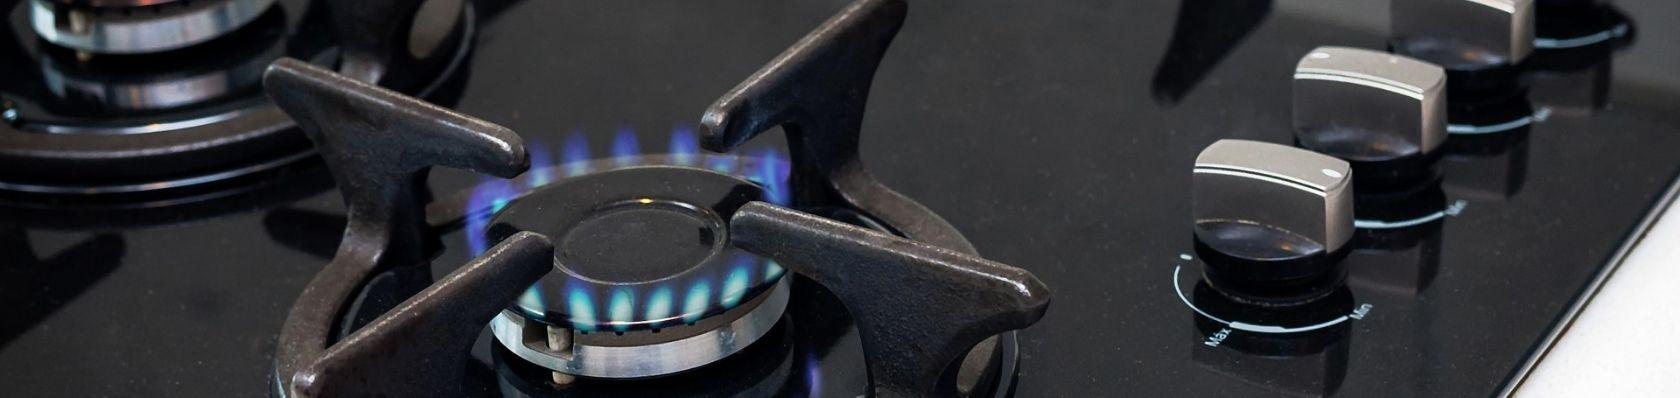 Kompor Gas im Test auf ExpertenTesten.de